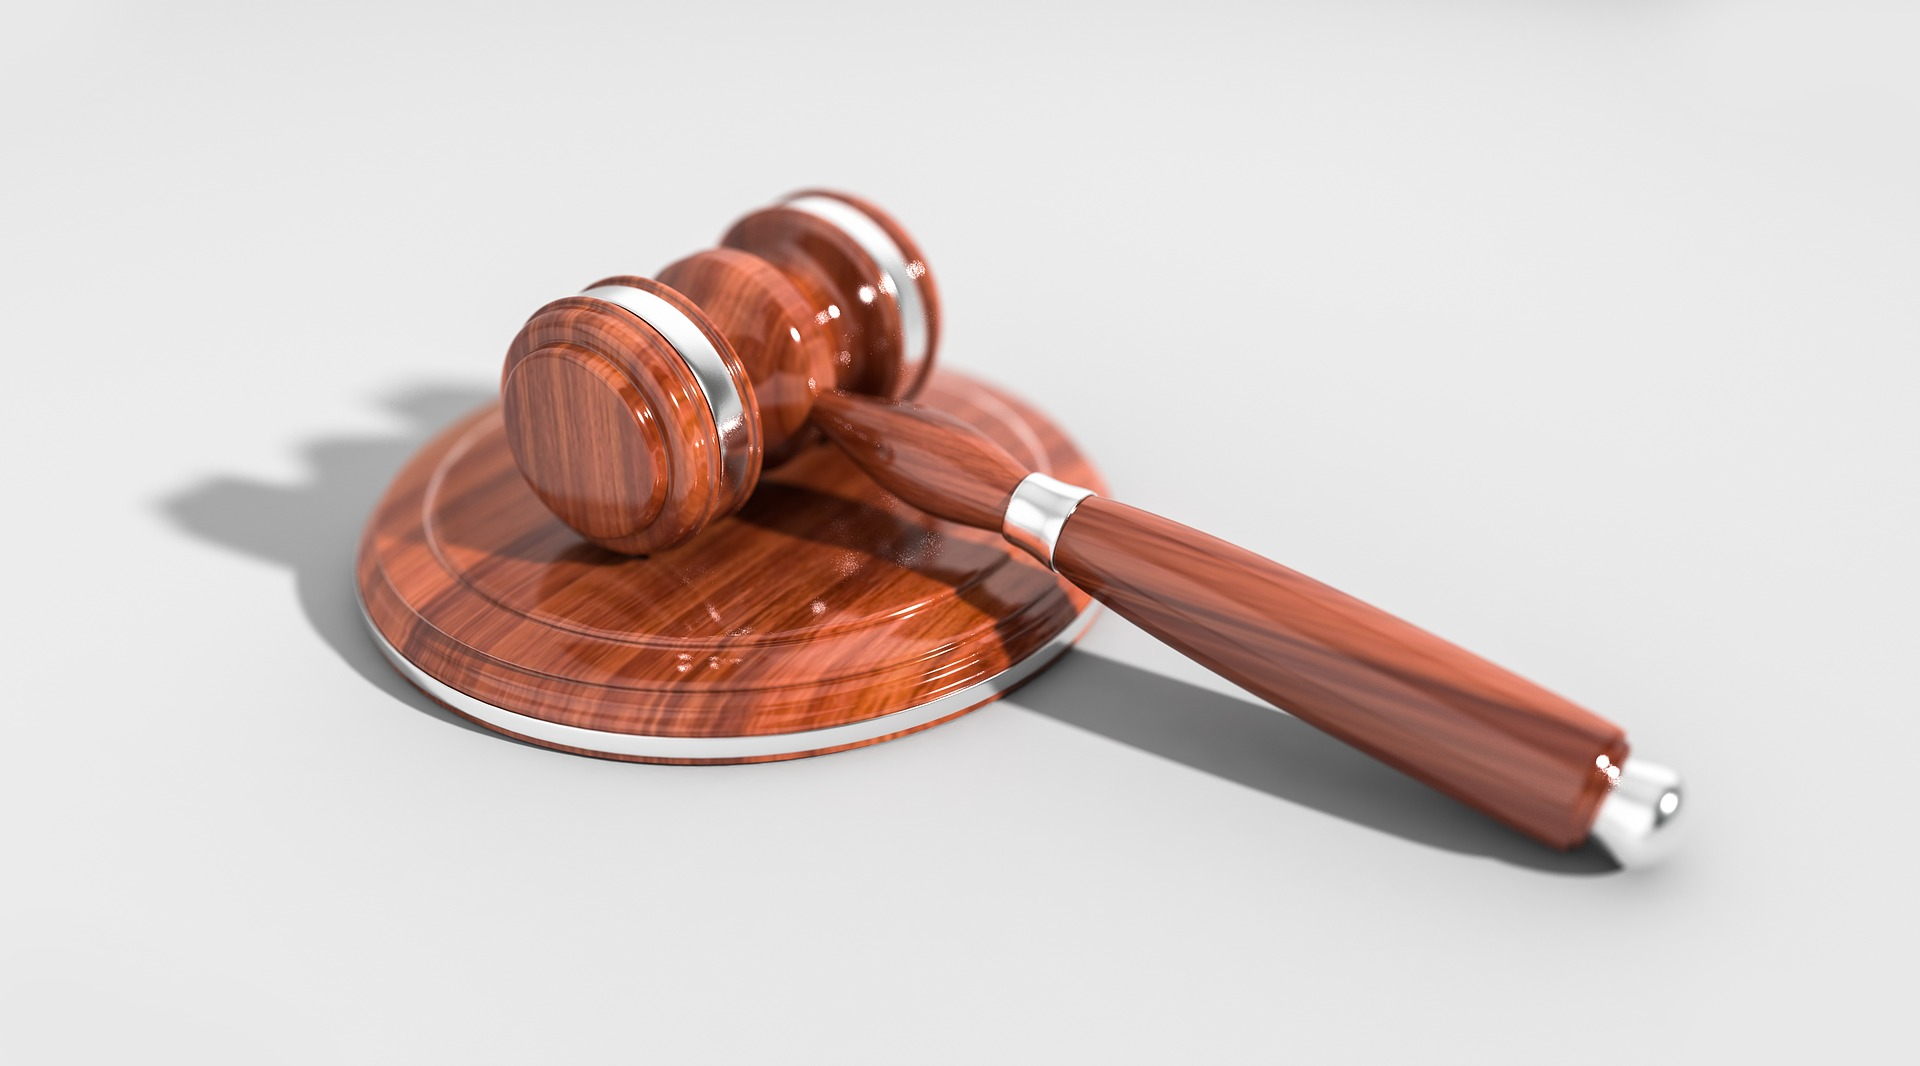 Hazai bíróságok: ki dönti el, hogy kinek van igaza?